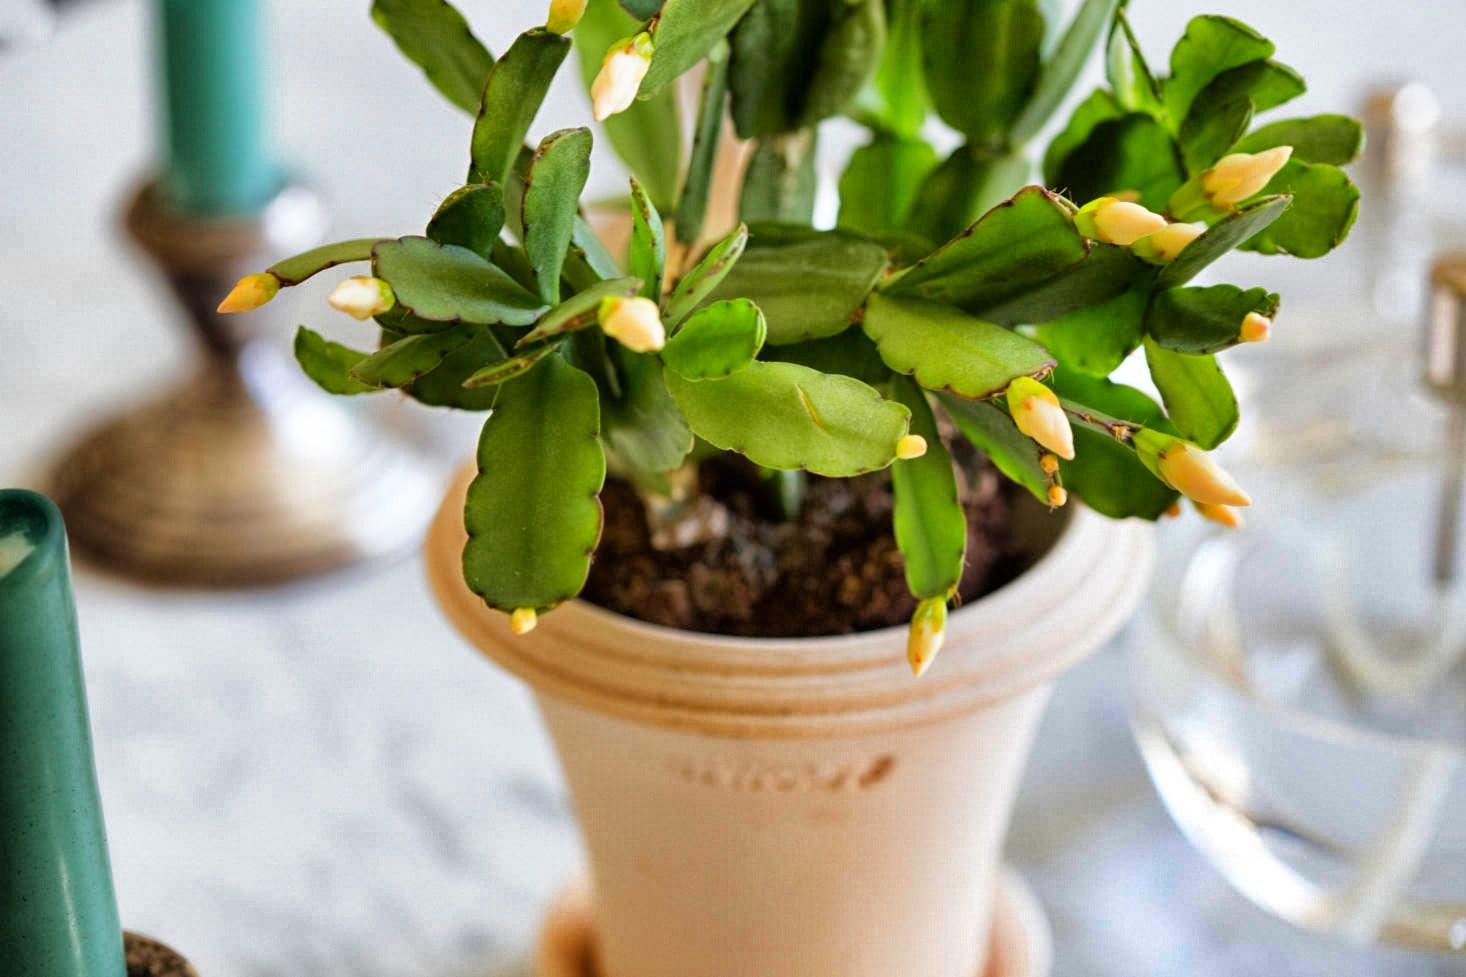 Cactus De Paques En Floraison Snapseed